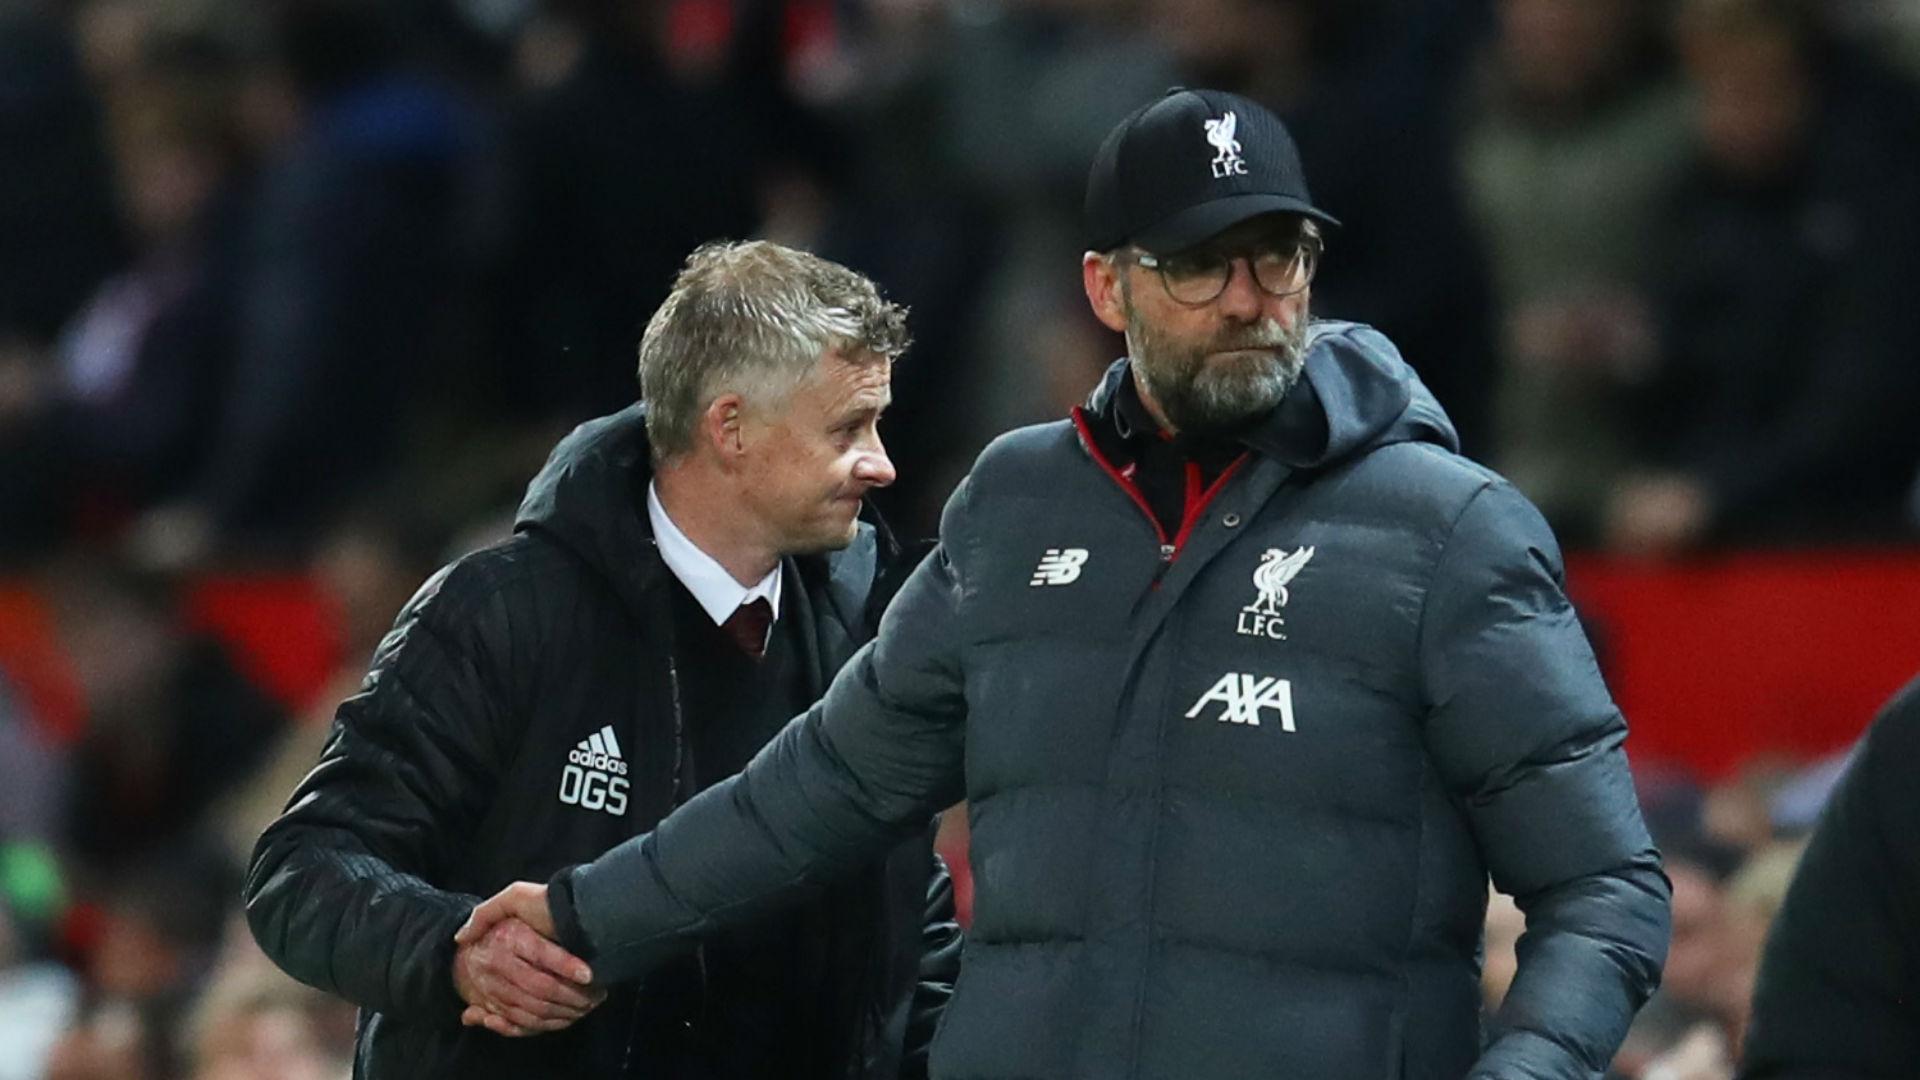 Liverpool and Klopp unlikely to dominate like Ferguson's Man Utd, says Solskjaer